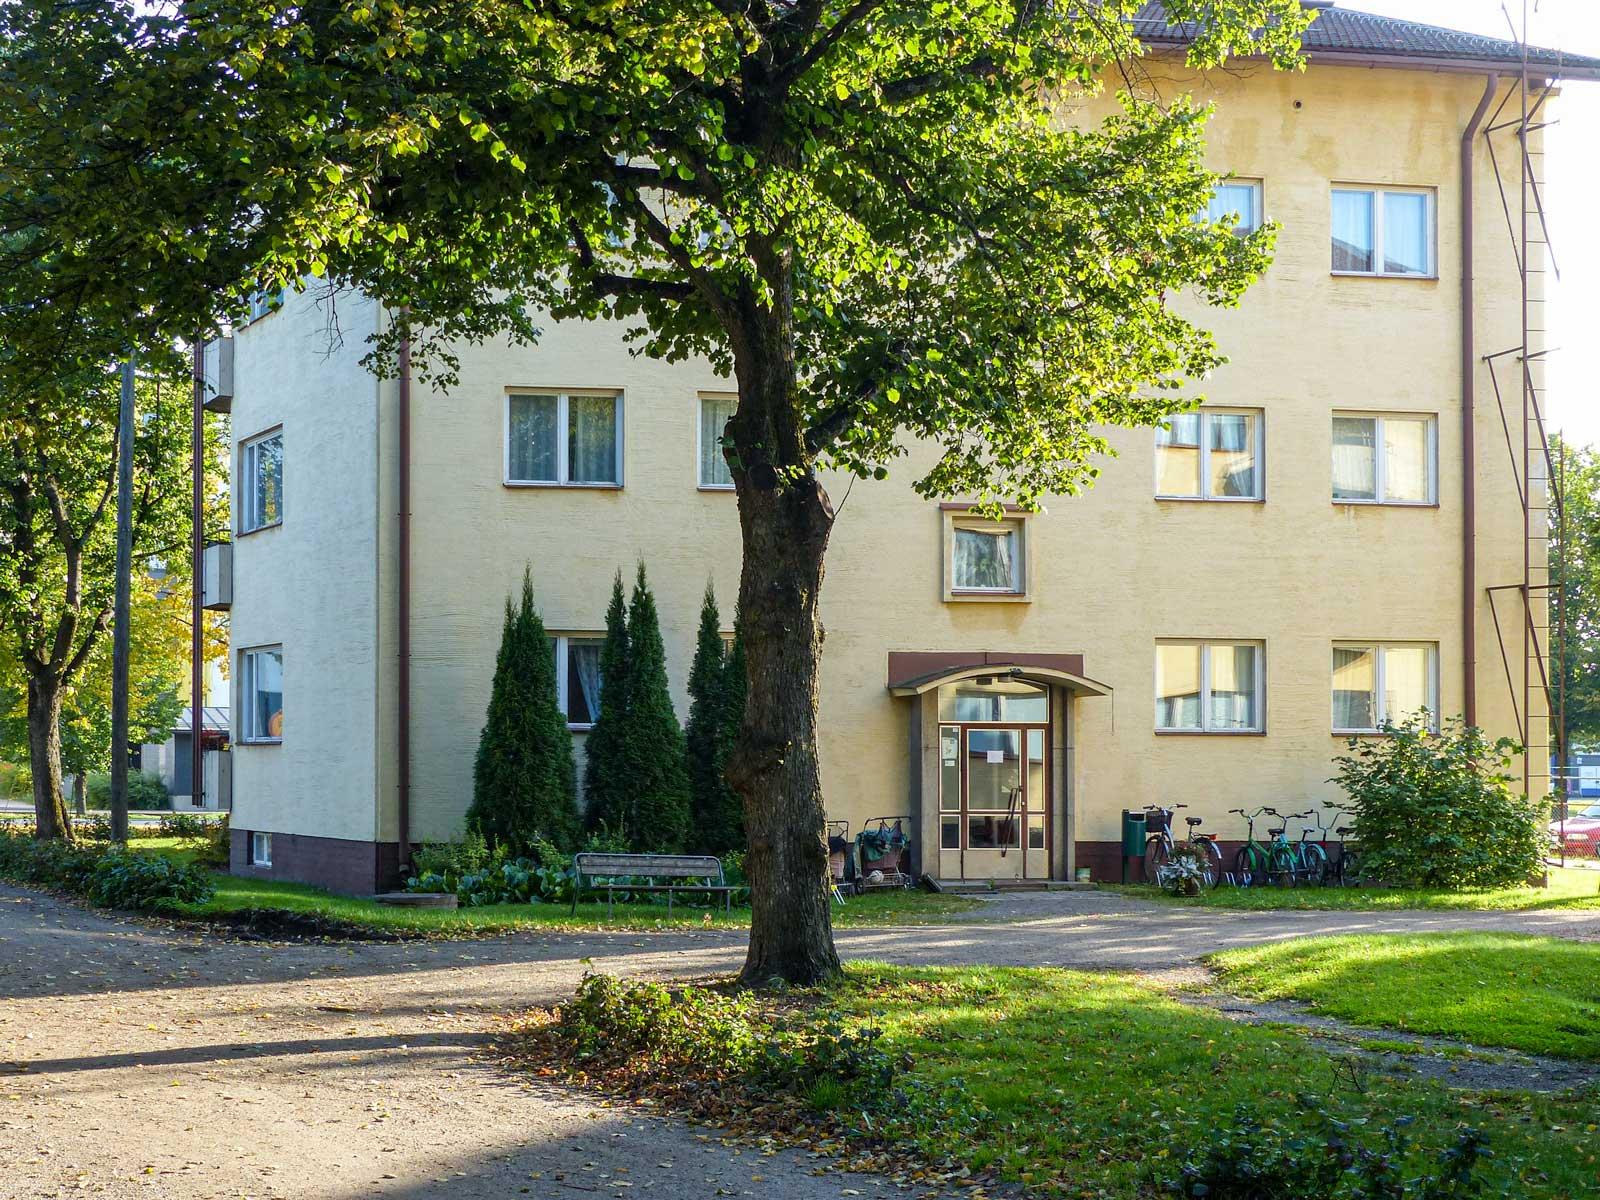 Paloheimonkatu 28, Riihimäki